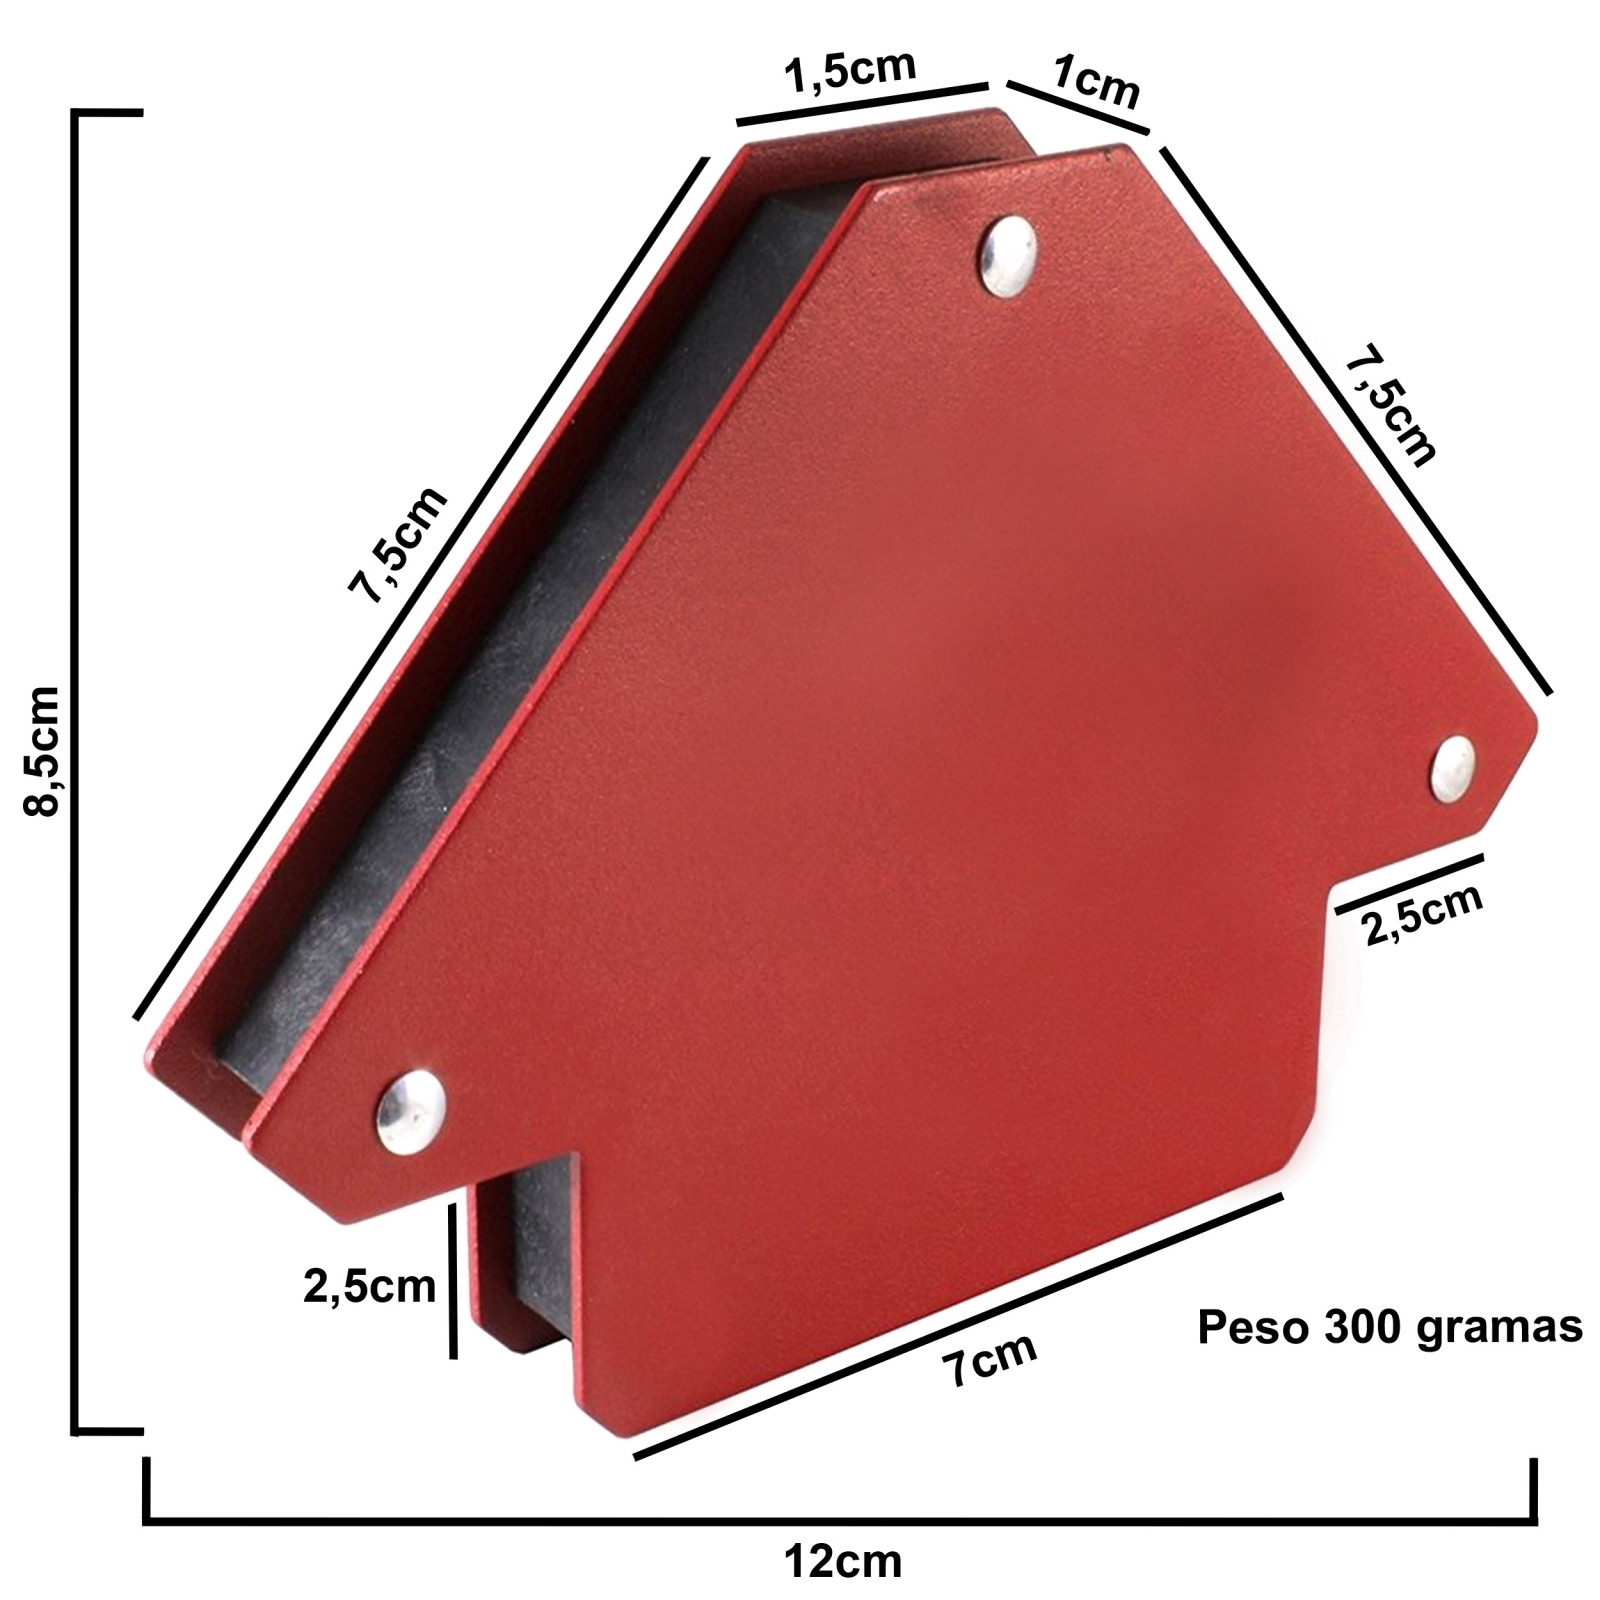 Esquadro Magnético Para Soldador Ferramentas MEP capacidade 12 kilos - Ferramentas MEP